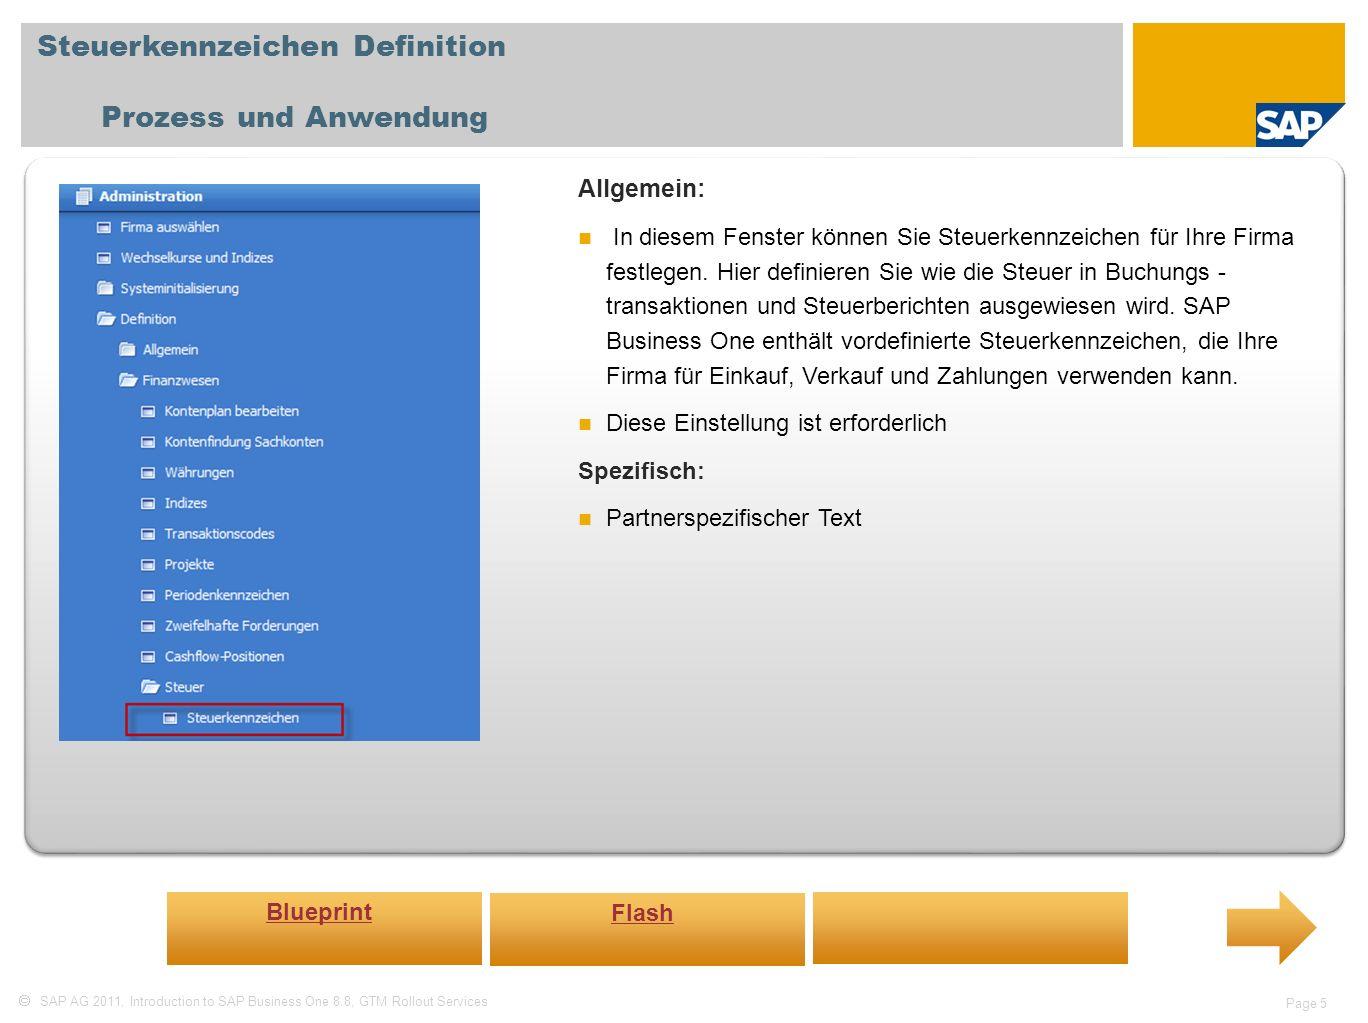 SAP AG 2011, Introduction to SAP Business One 8.8, GTM Rollout Services Page 26 Kreditkarten Zahlung Prozess und Anwendung Allgemein: Geben Sie zum Einrichten der Kreditkartenzahlungen die Zeiten ein, zu denen das Kreditkartenunternehmen Ihrem Konto Kreditkartenbelege gutschreibt, die aufgrund von Zahlungseingängen erzeugt wurden.